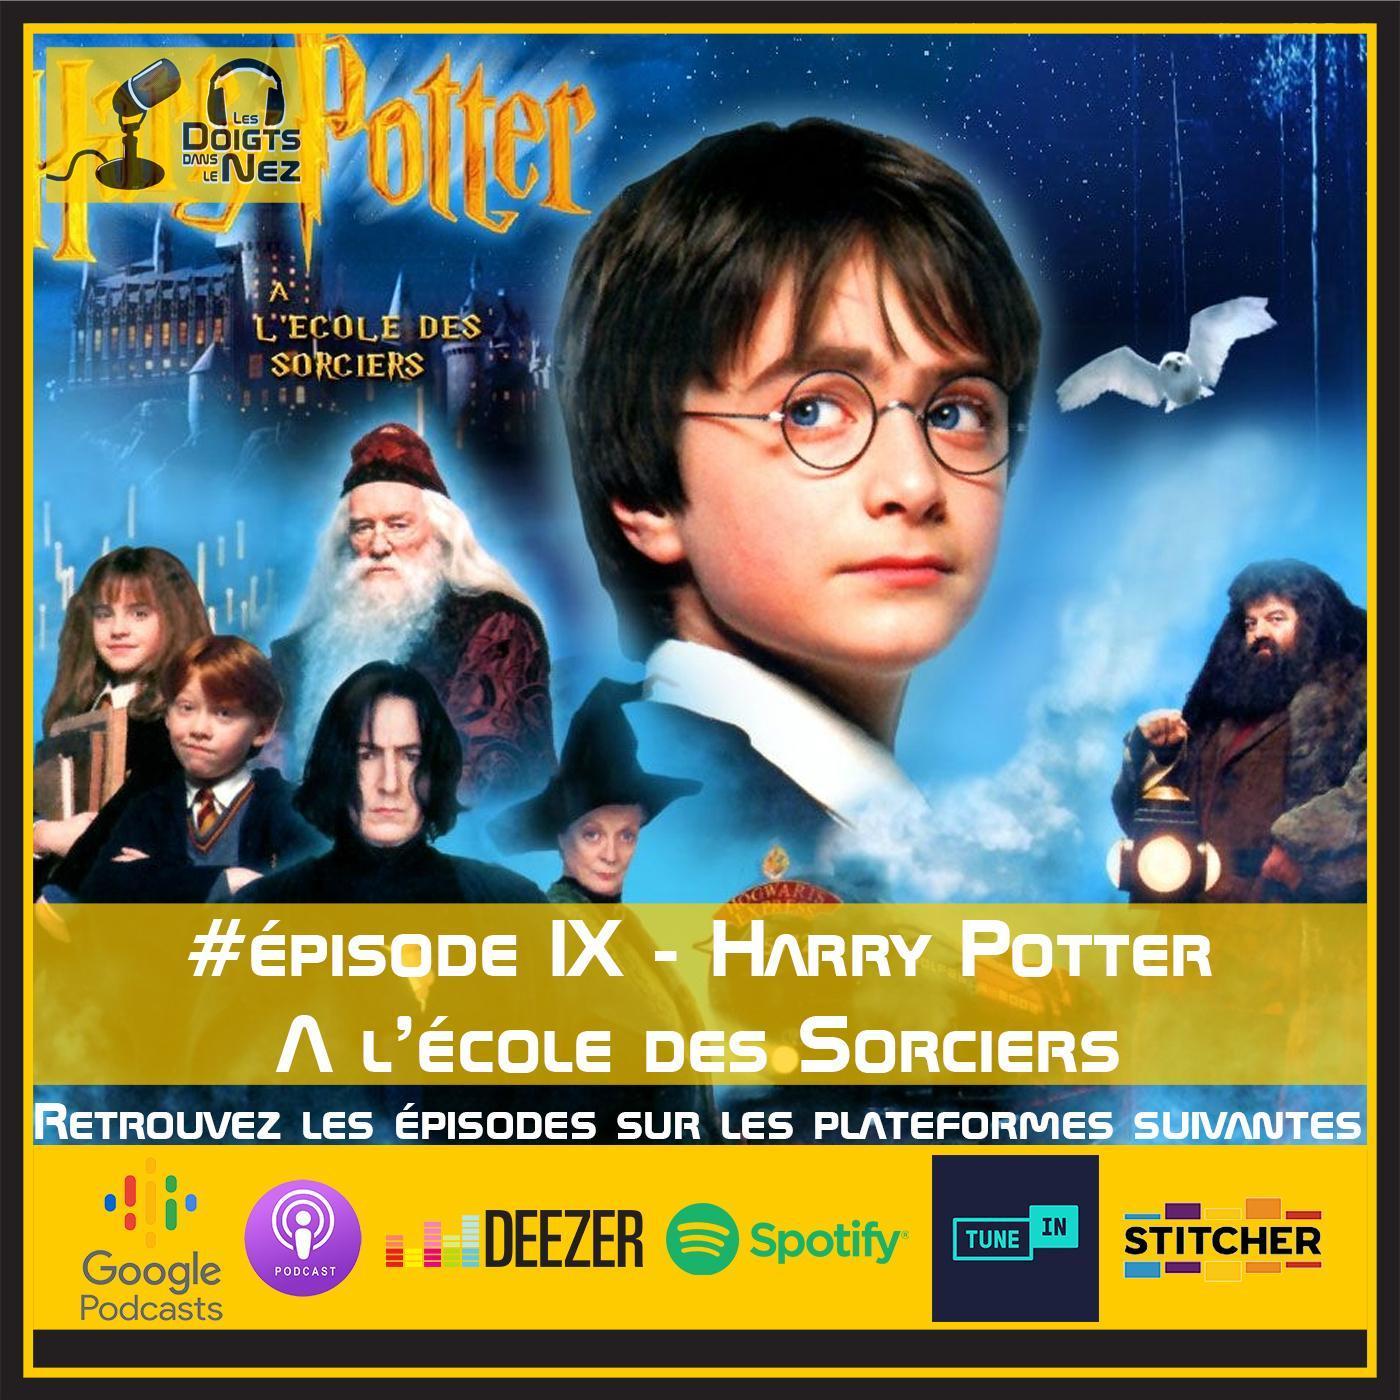 #Episode IX - Harry Potter à l'école des sorciers